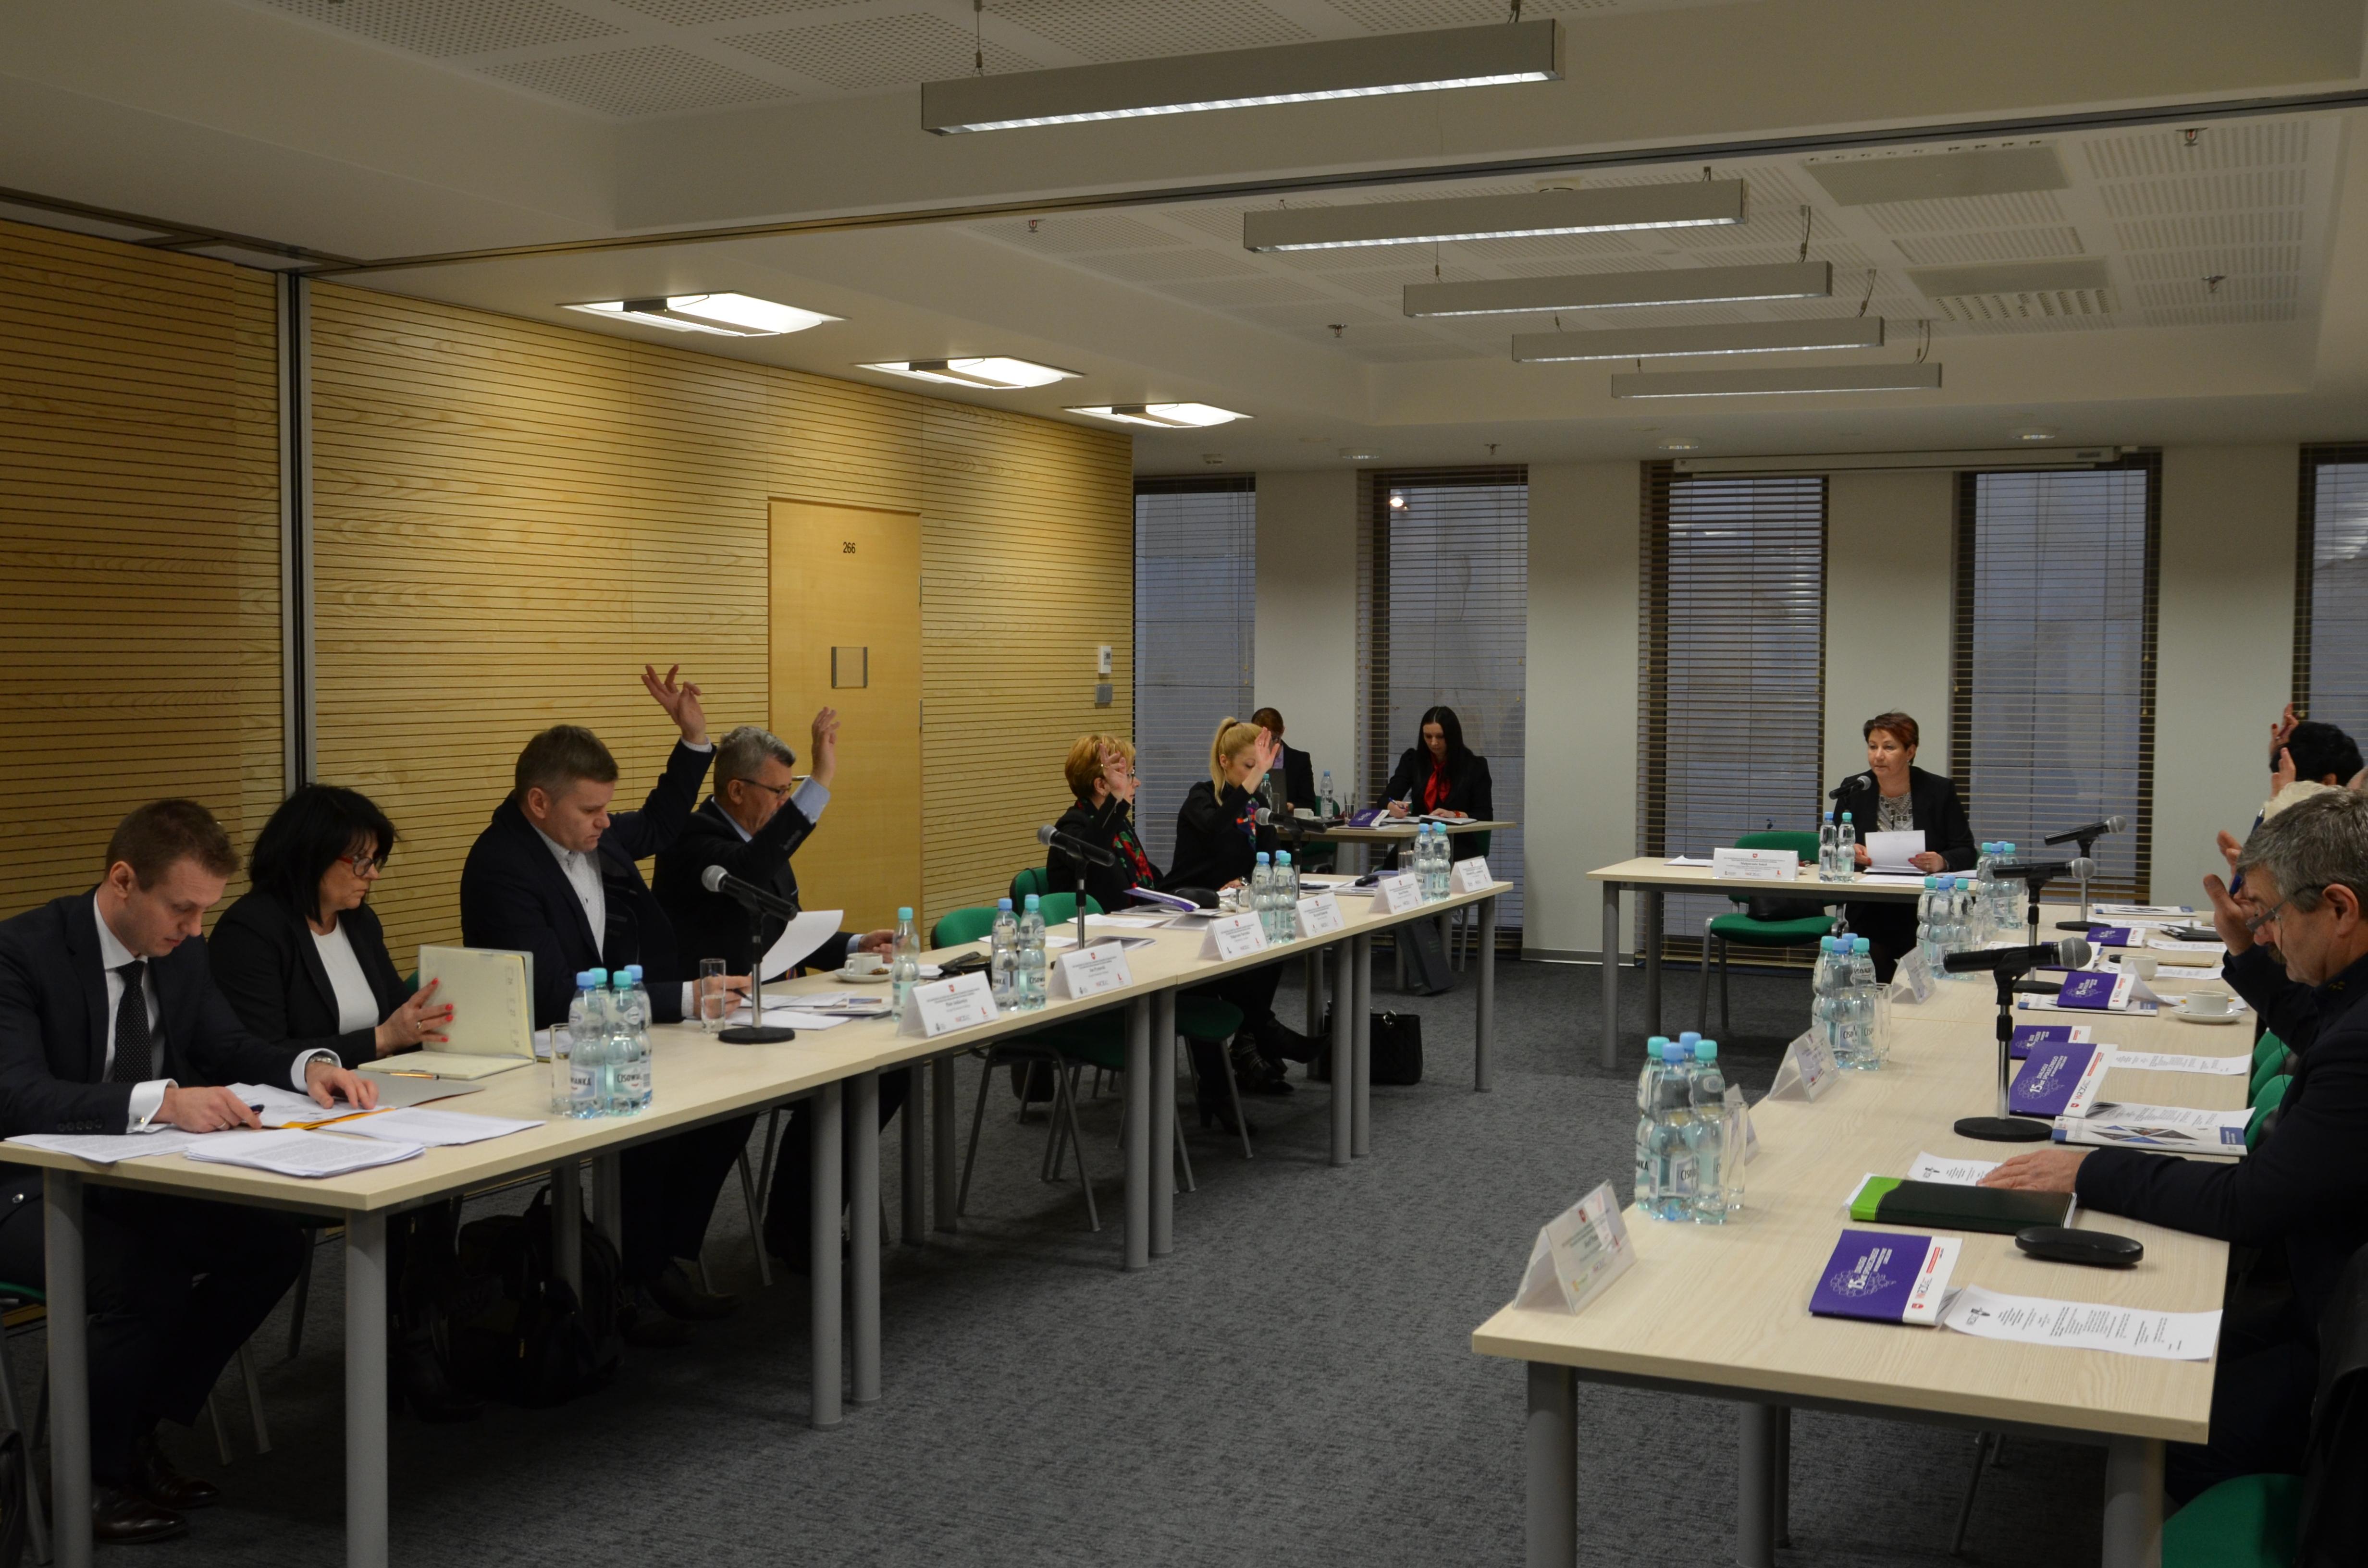 Posiedzenie Stałego Zespołu Roboczego ds. Rynku Pracy, Zatrudnienia, Wynagrodzeń i Świadczeń Socjalnych WRDS WL